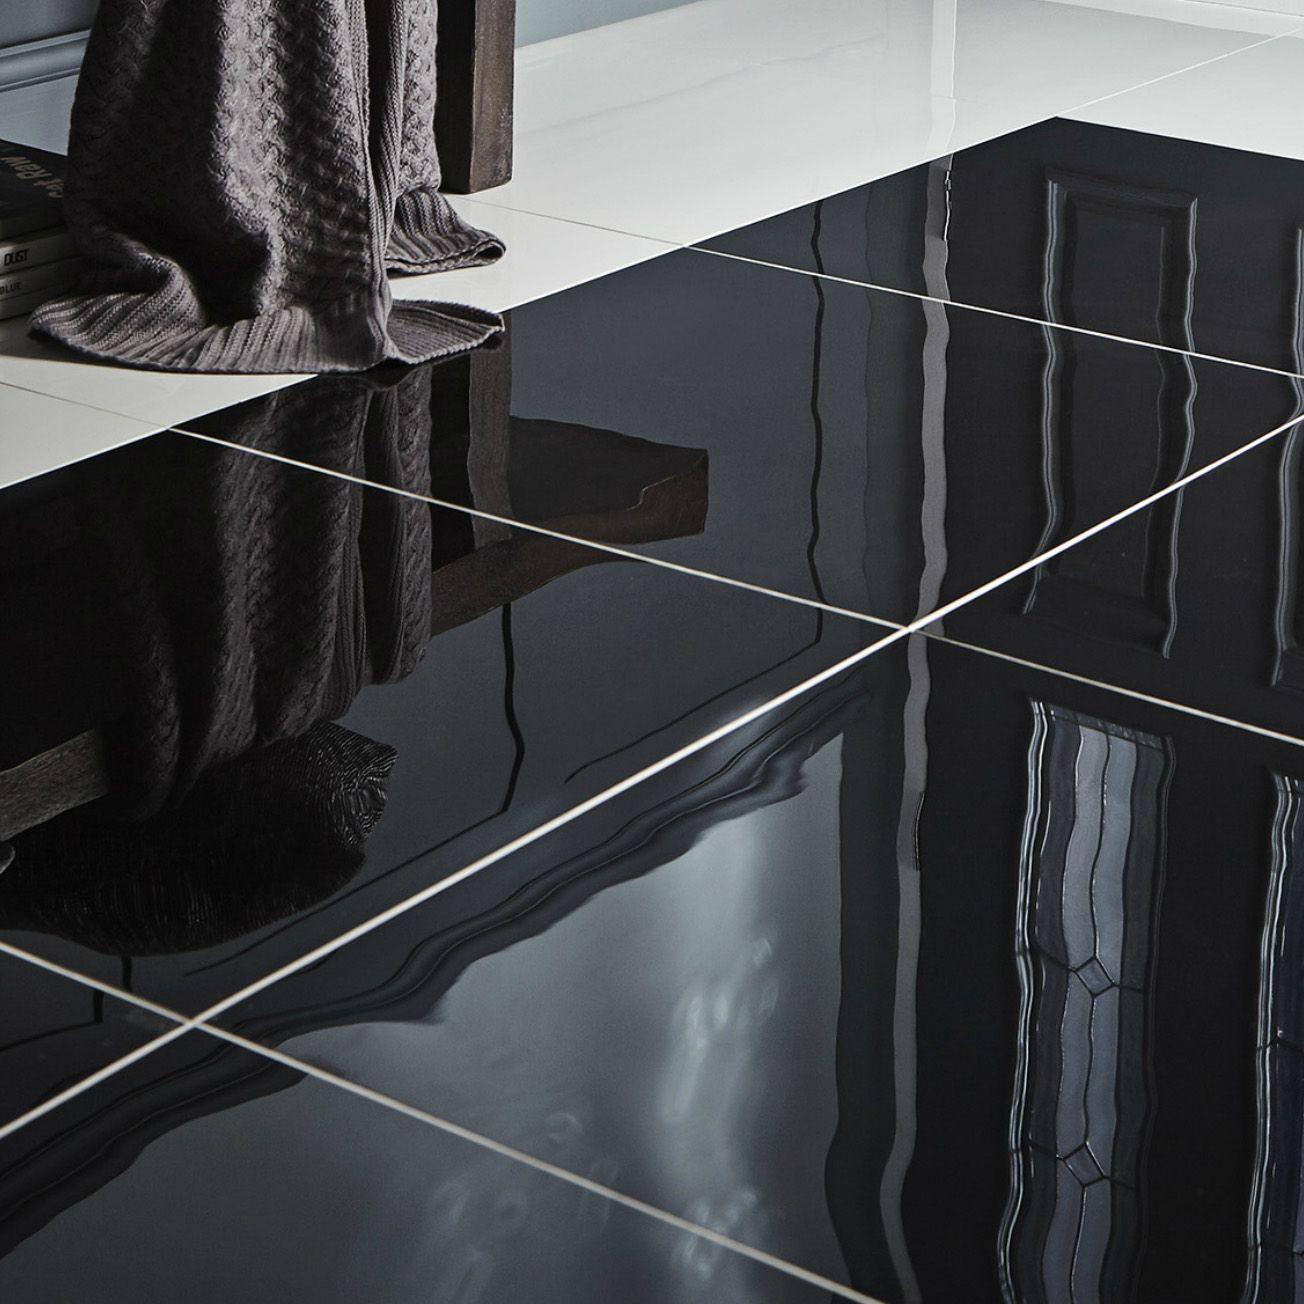 Black Kitchen Tiles B Q: Livourne Black Polished Porcelain Floor Tile, Pack Of 3